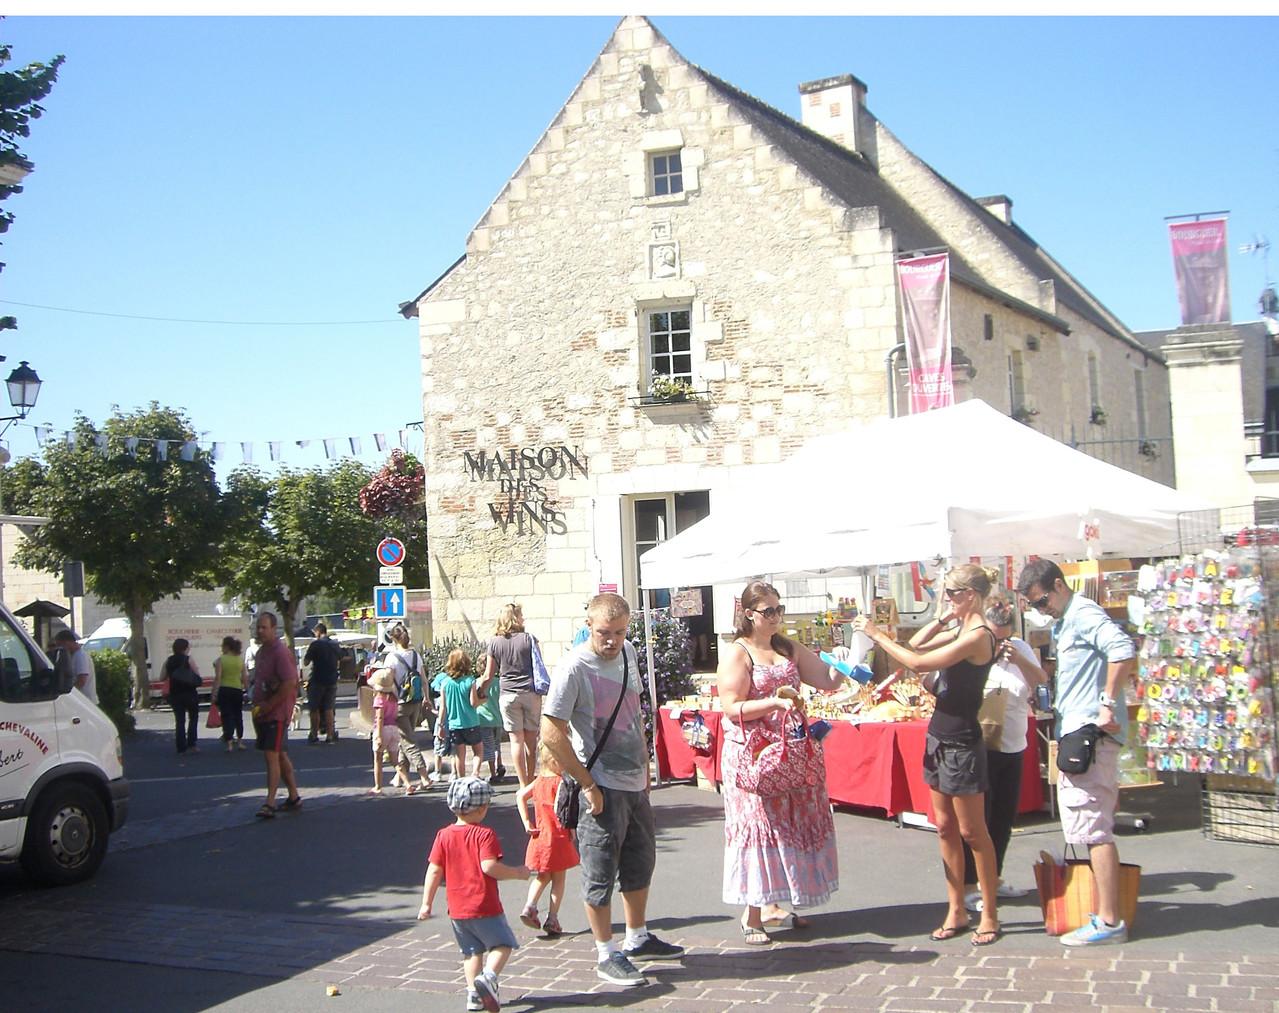 Jour de marché la maison des vins Jean Carmet Bourgueil